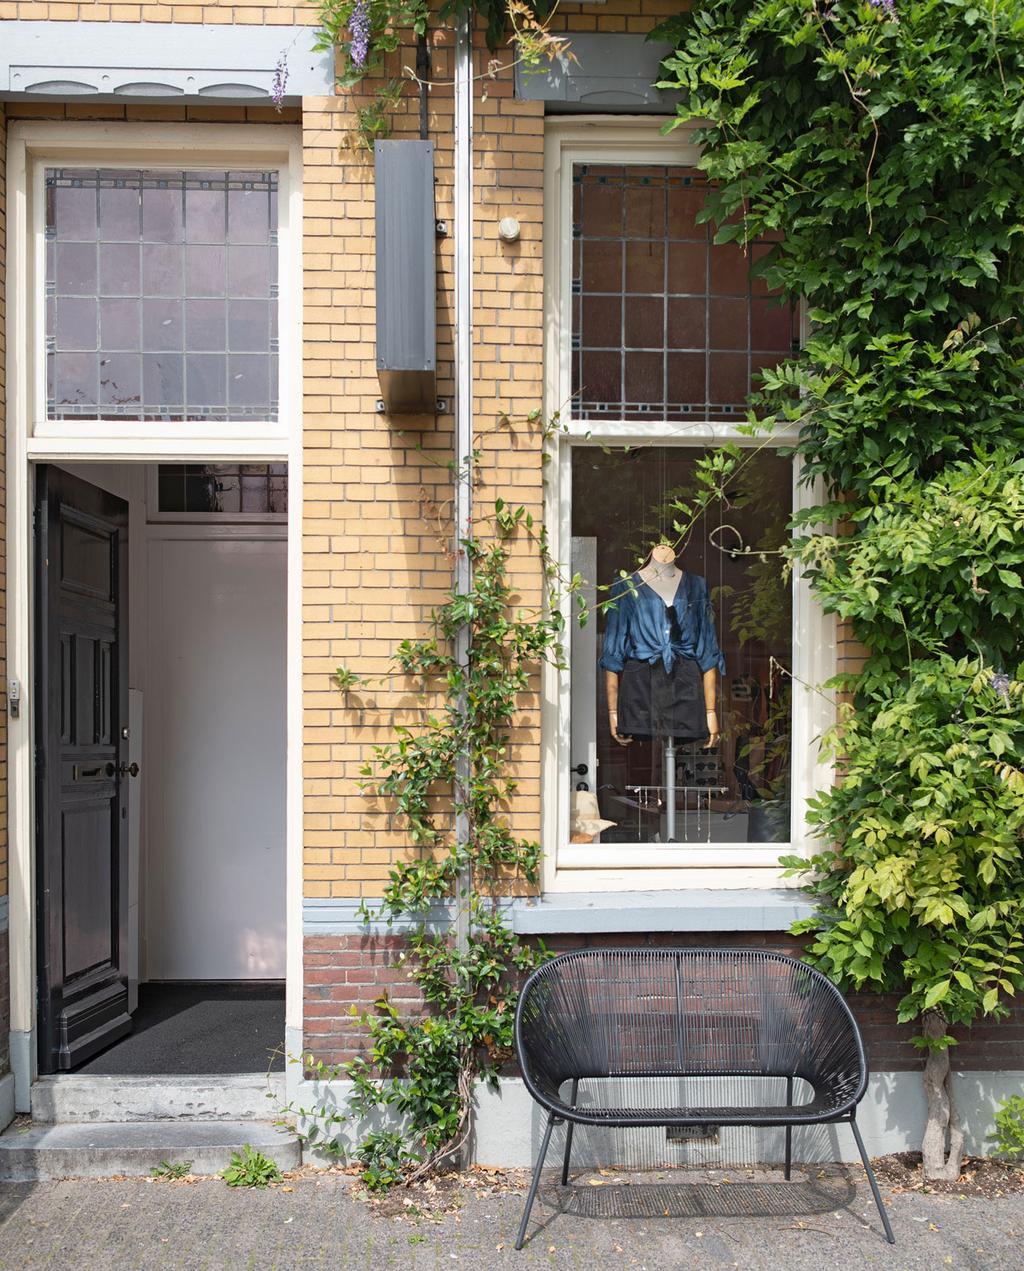 vtwonen 10-2019 | Citytrip Eindhoven Label